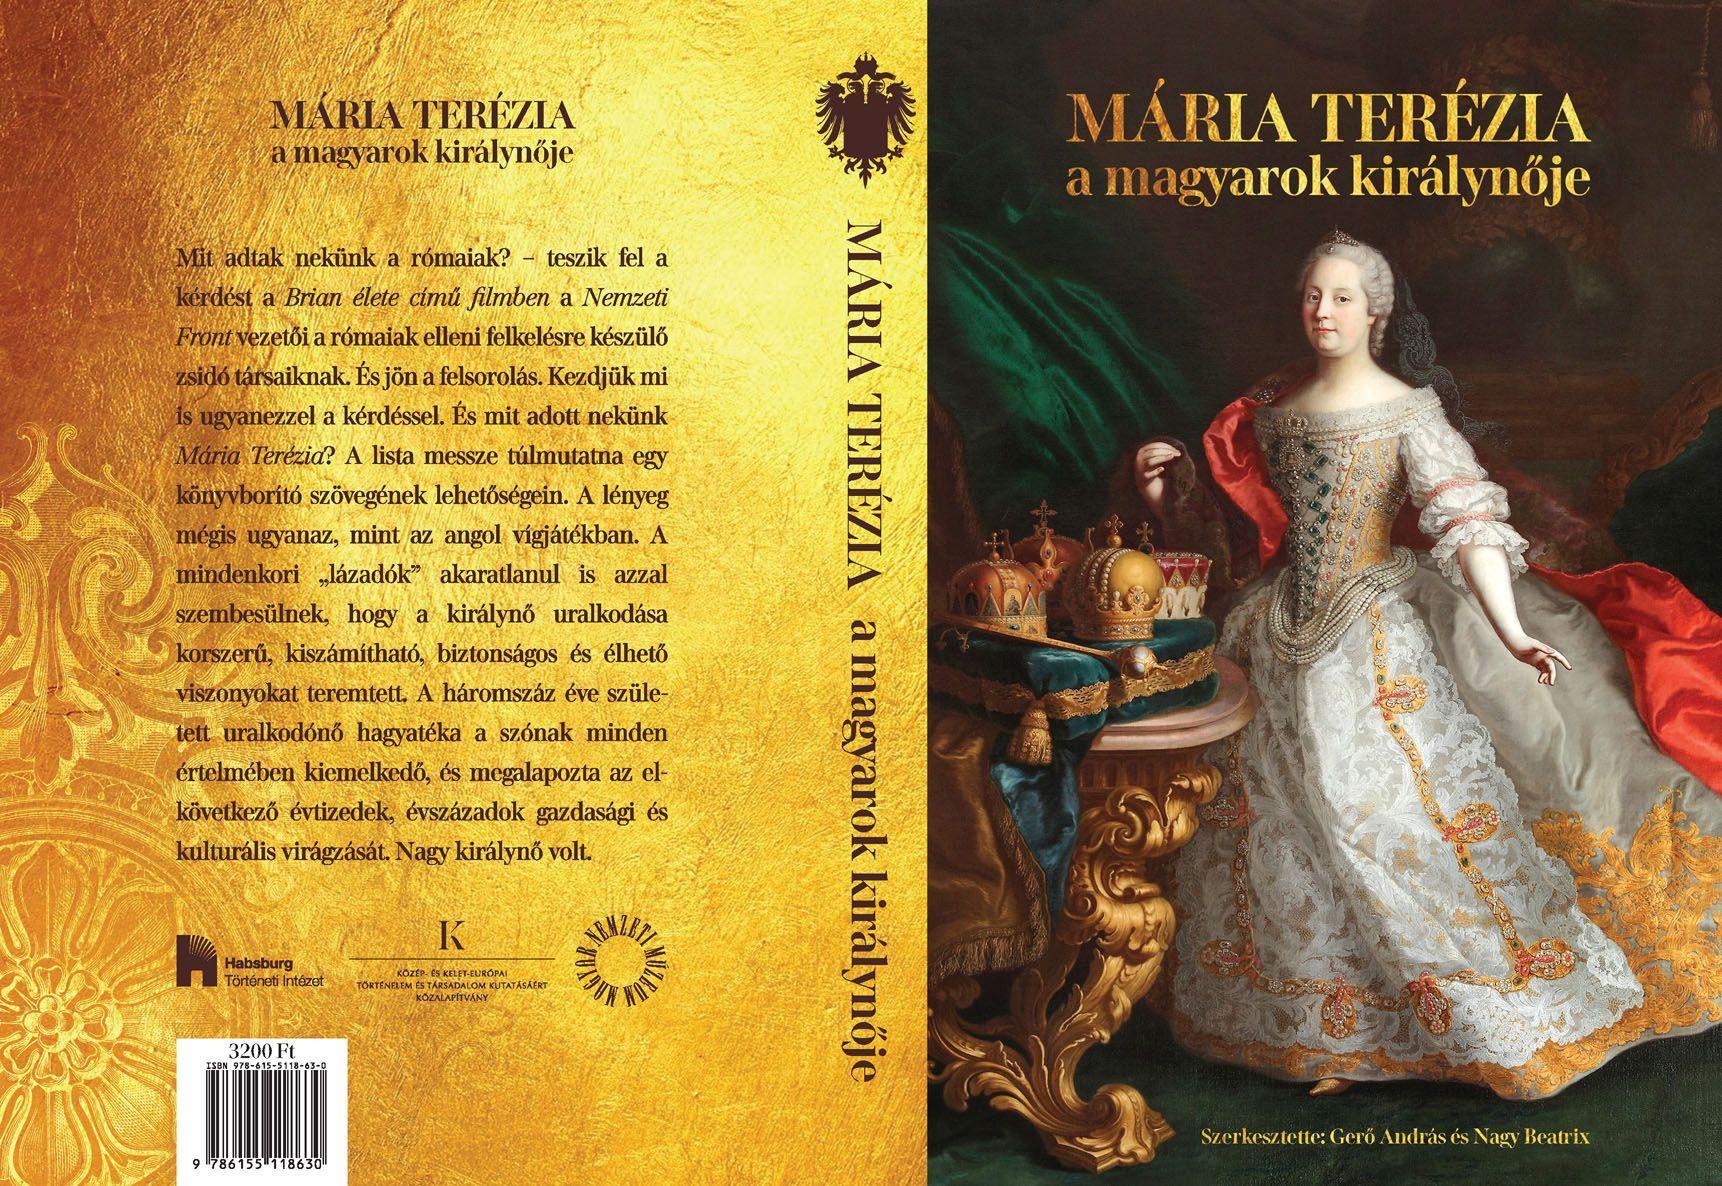 MÁRIA TERÉZIA - A MAGYAROK KIRÁLYNÕJE